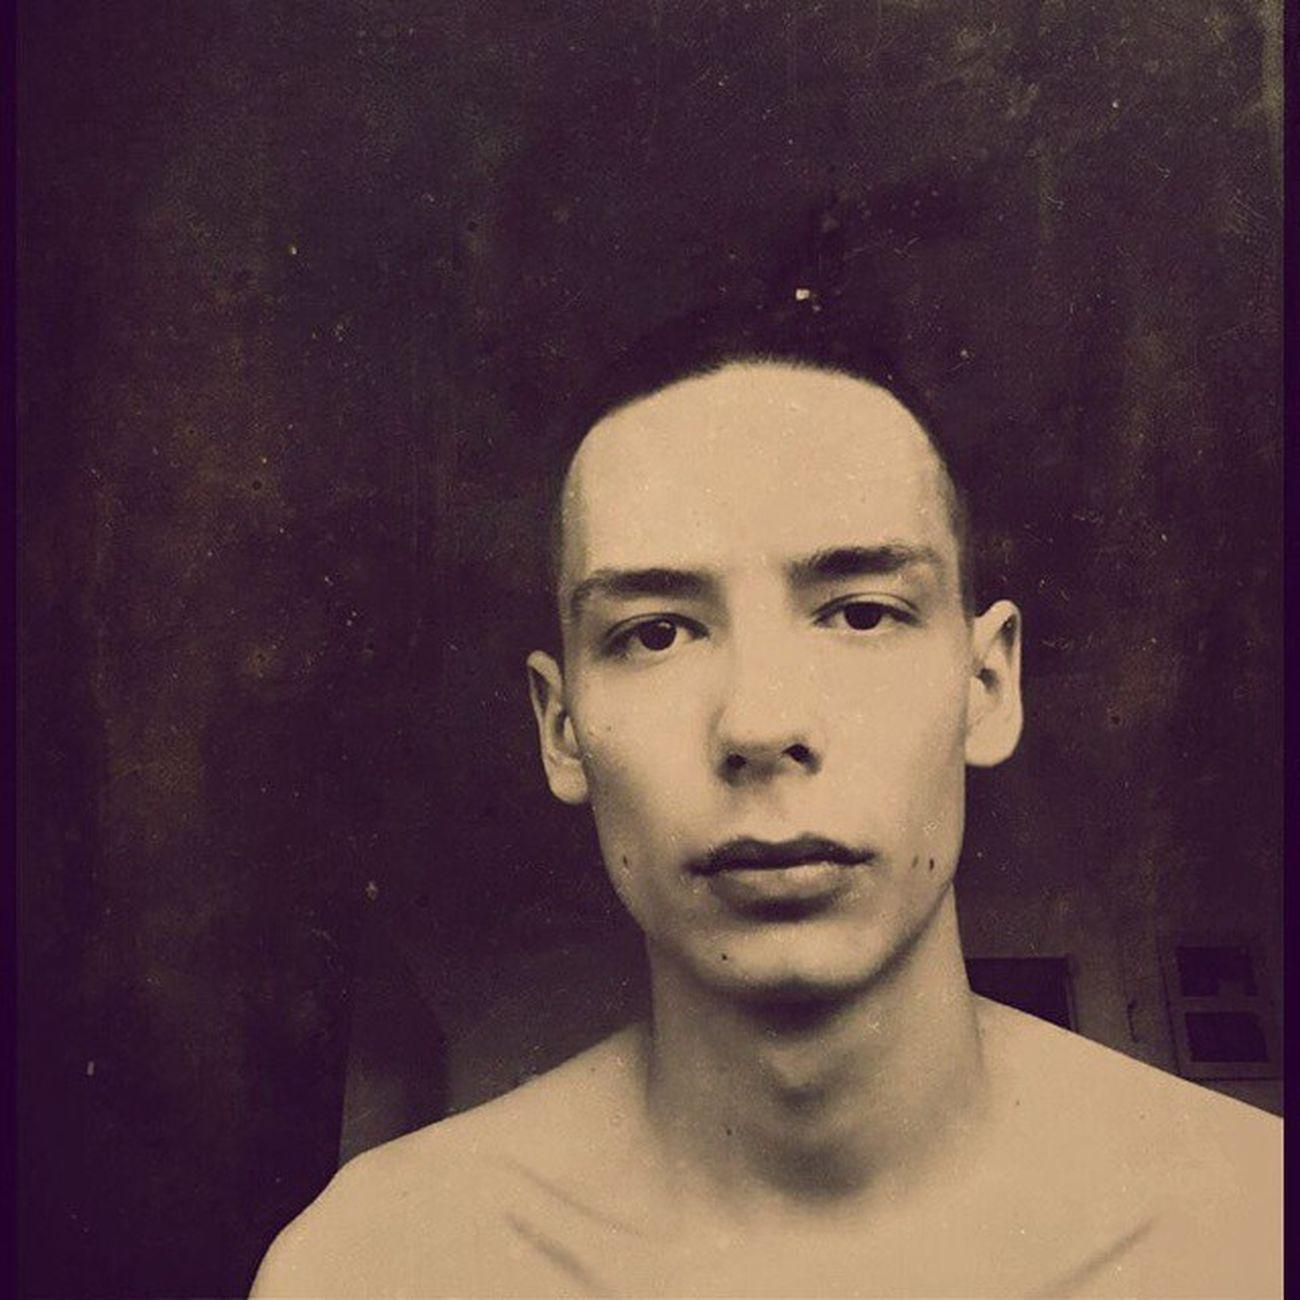 Guy Boy Retro Chlopak koles ziomek selfie typek